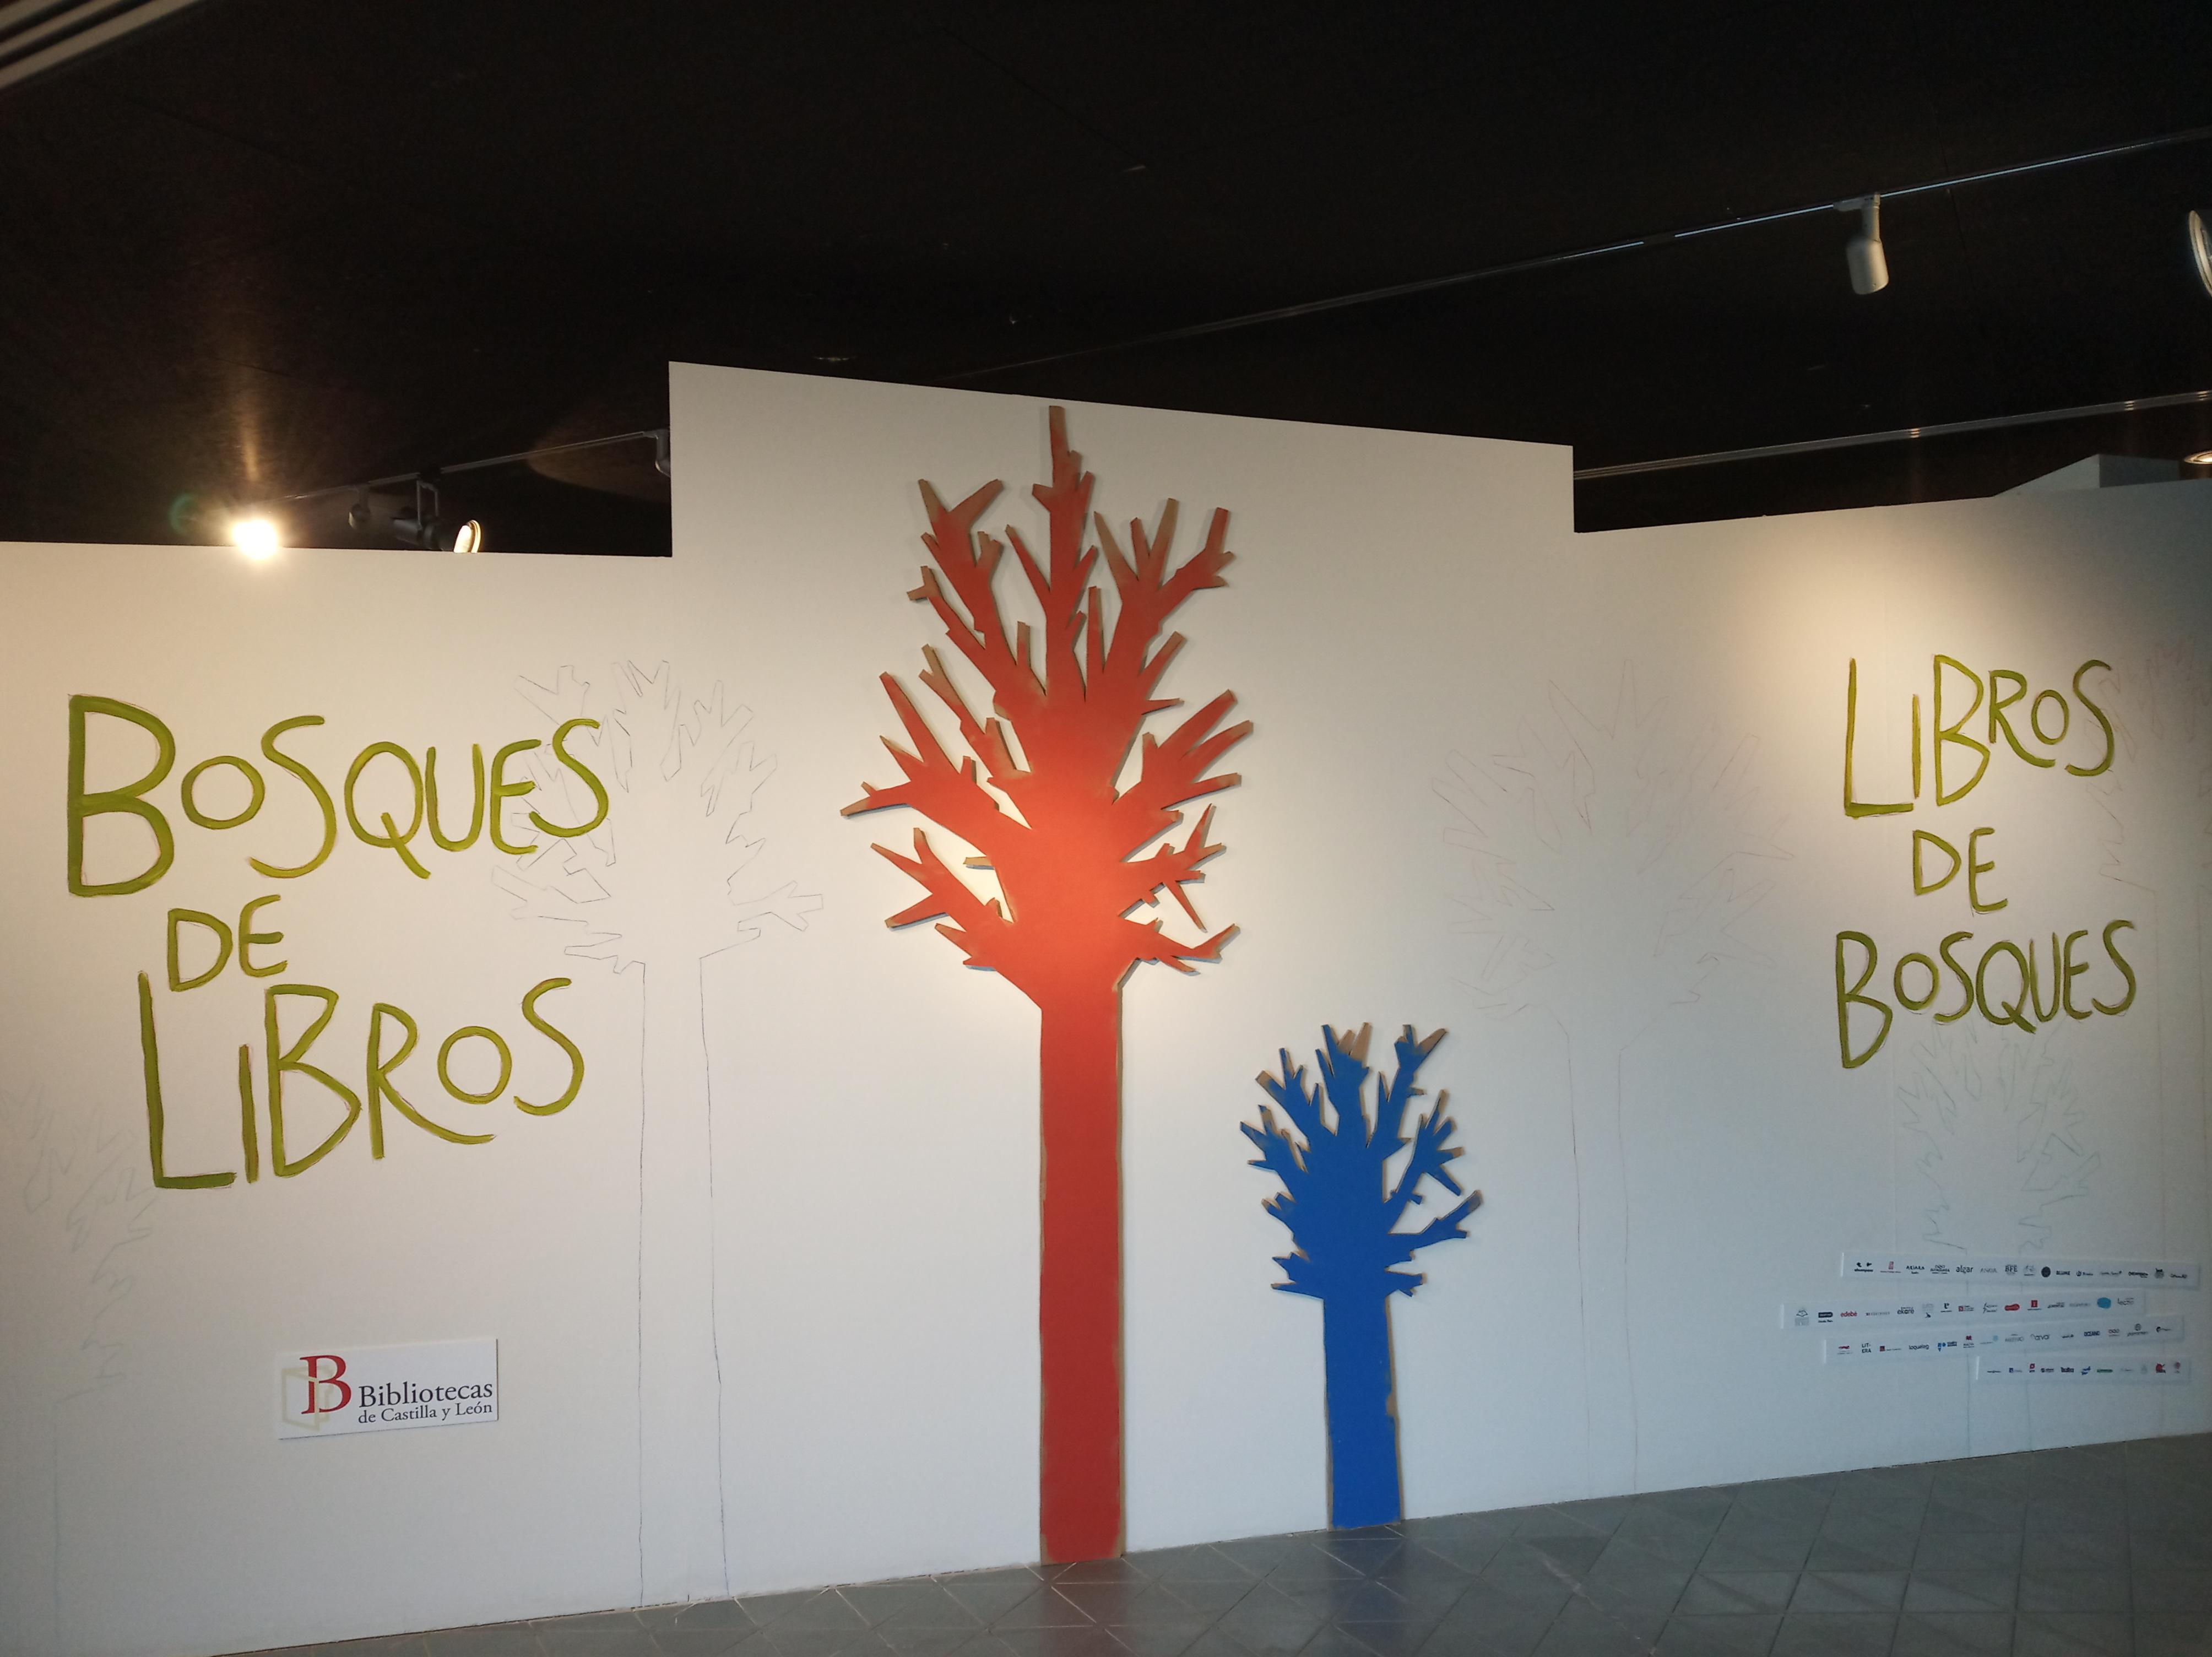 Libros de Bosques, Bosques de Libros